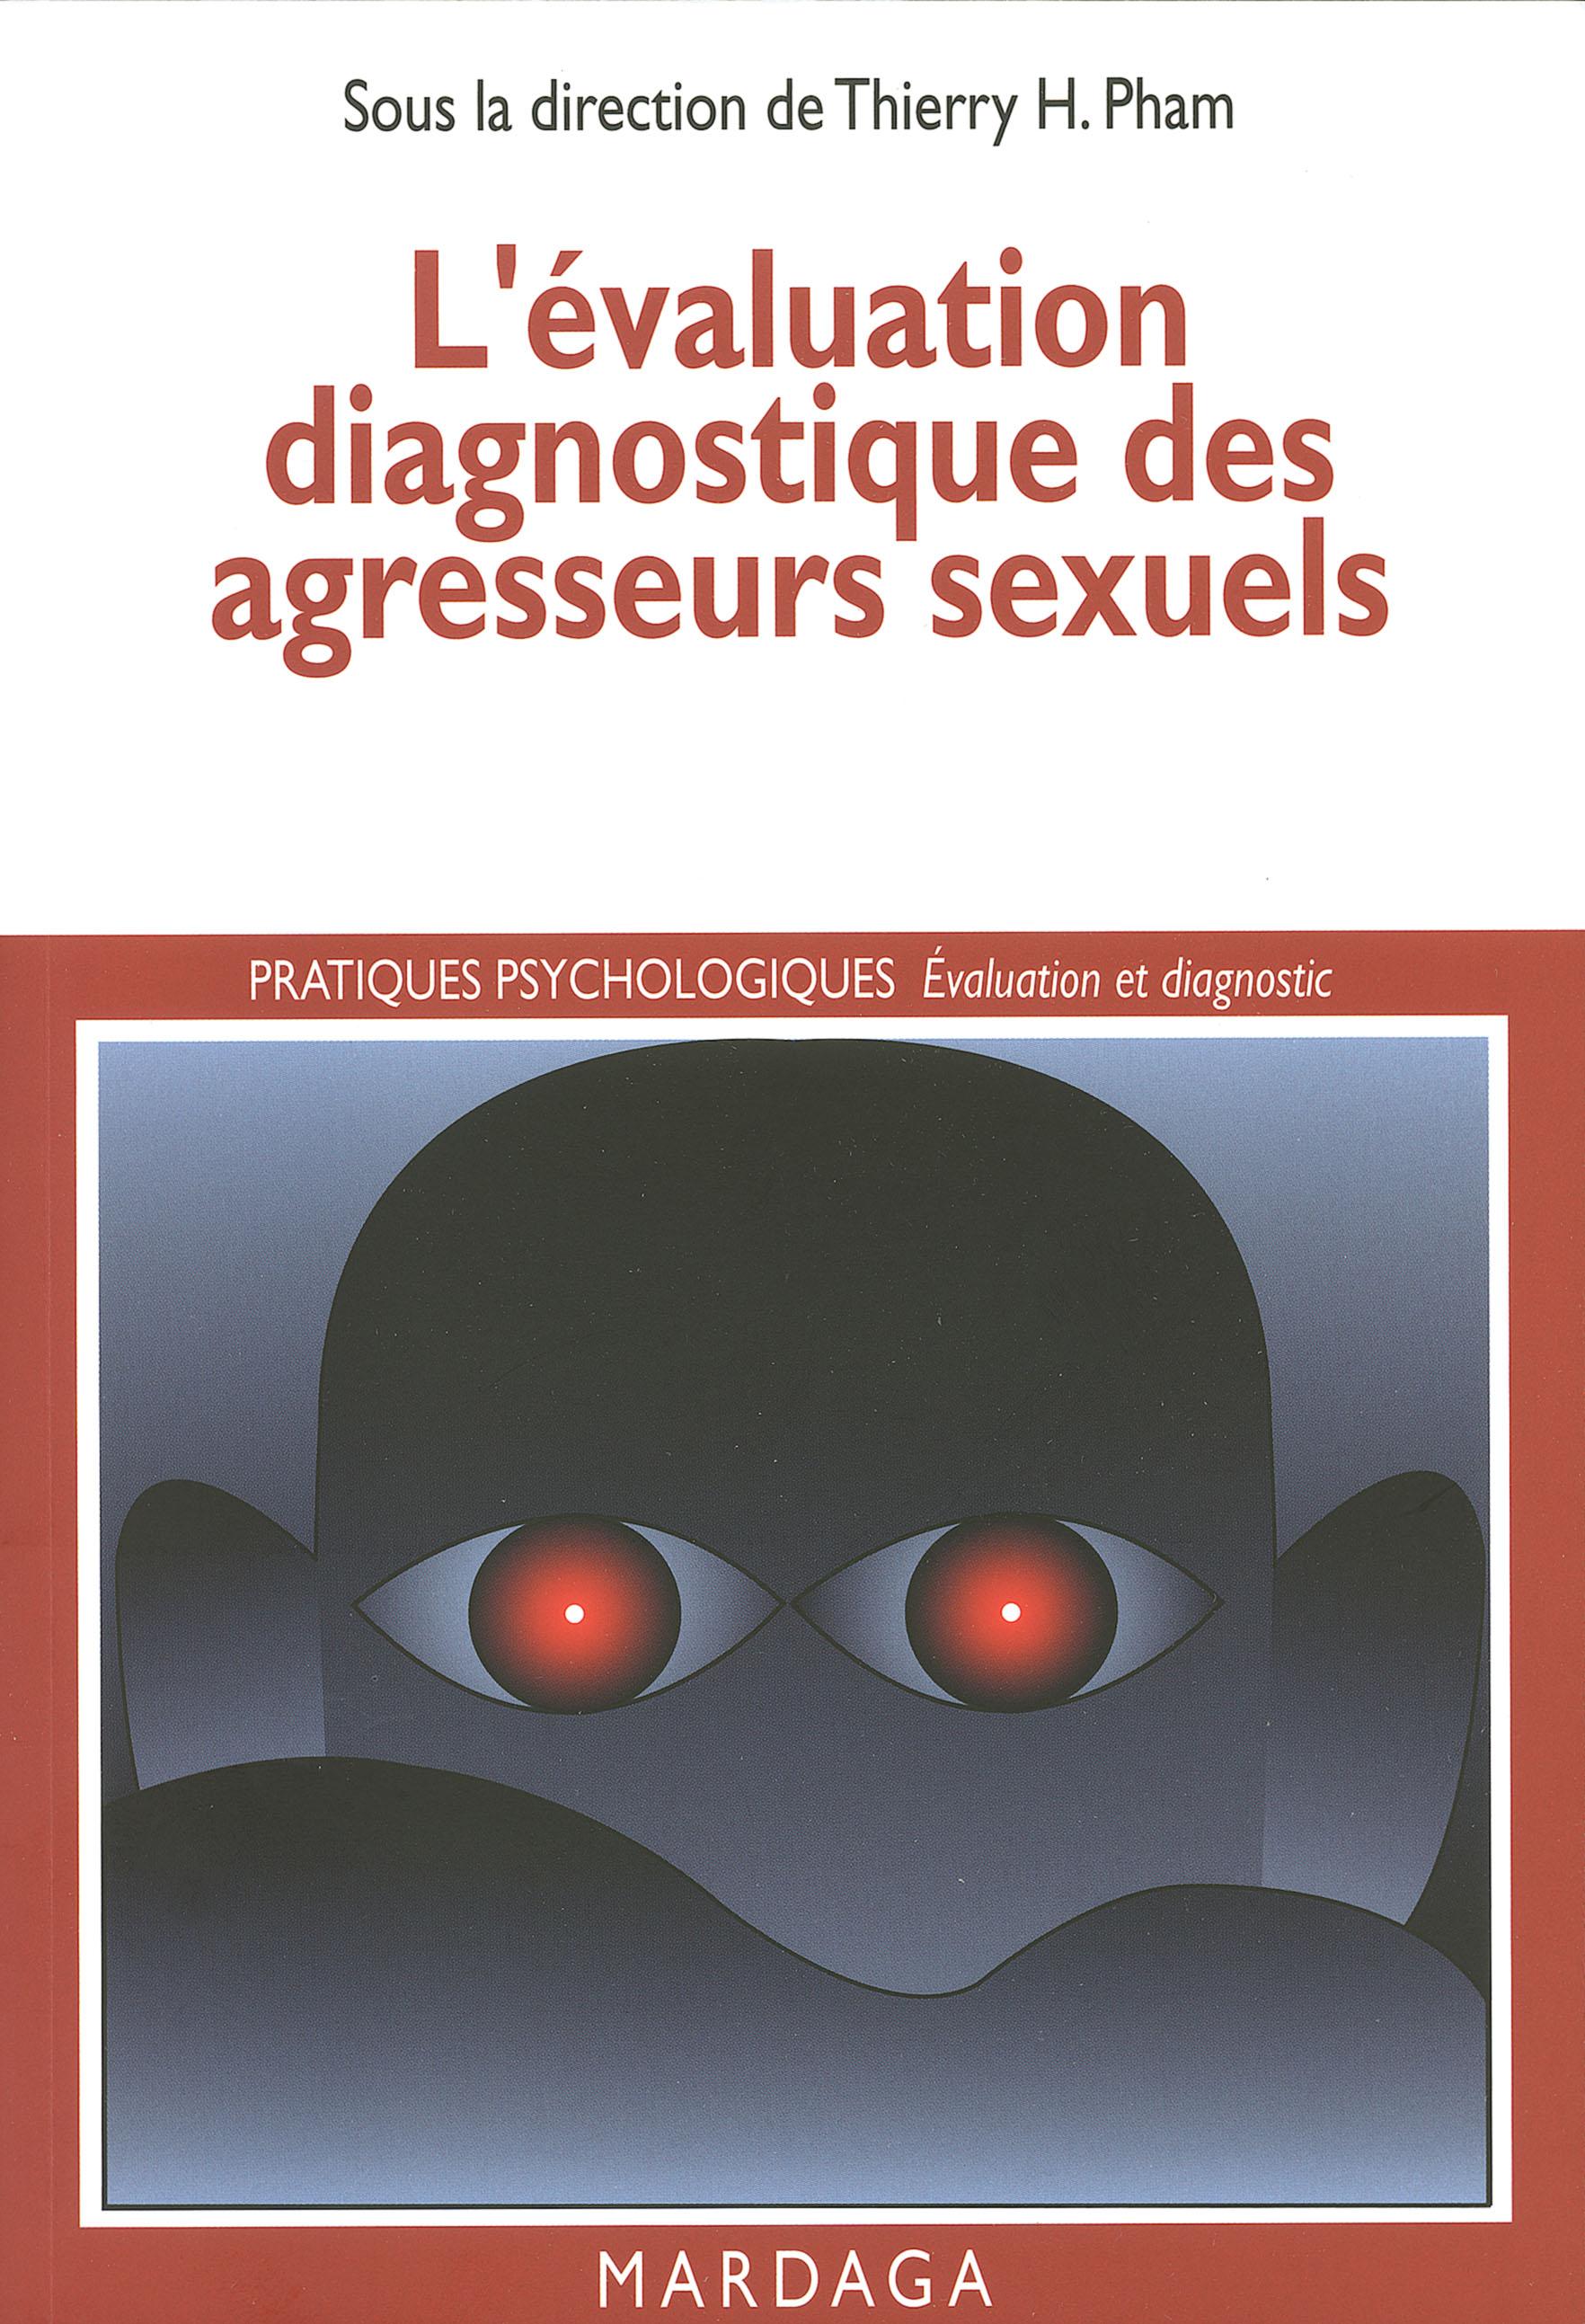 L'évaluation diagnostique des agresseurs sexuels, Étude clinique du délinquant sexuel